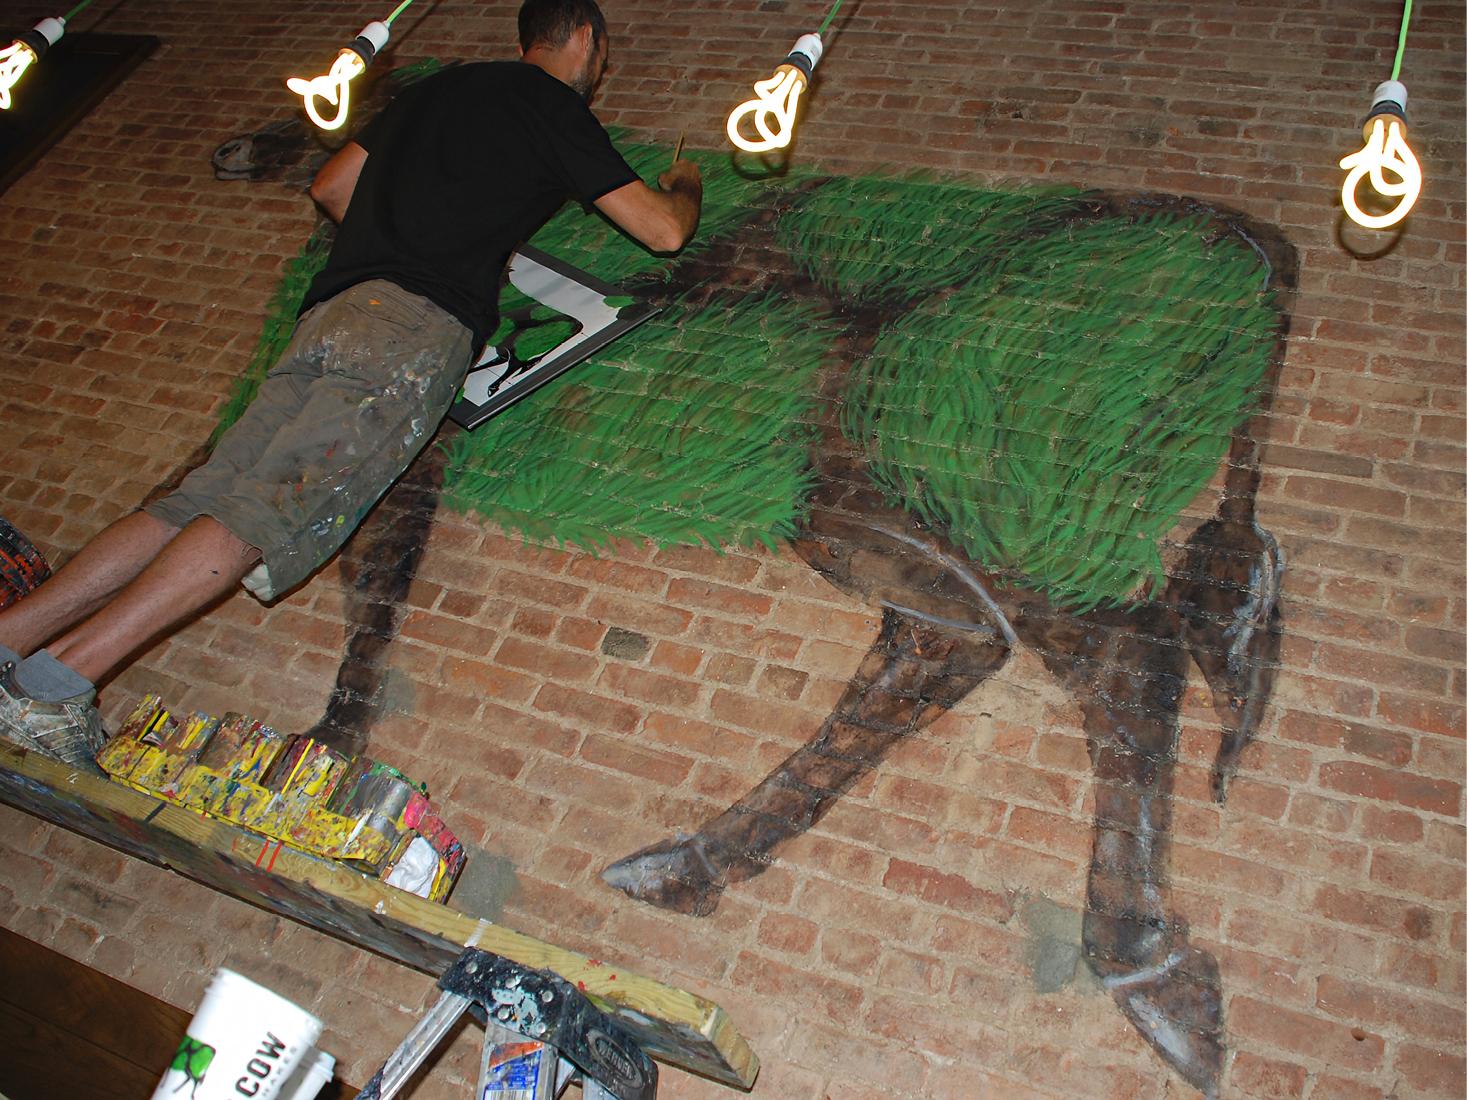 DMD_Mural_Grass Cow 01_96.jpg